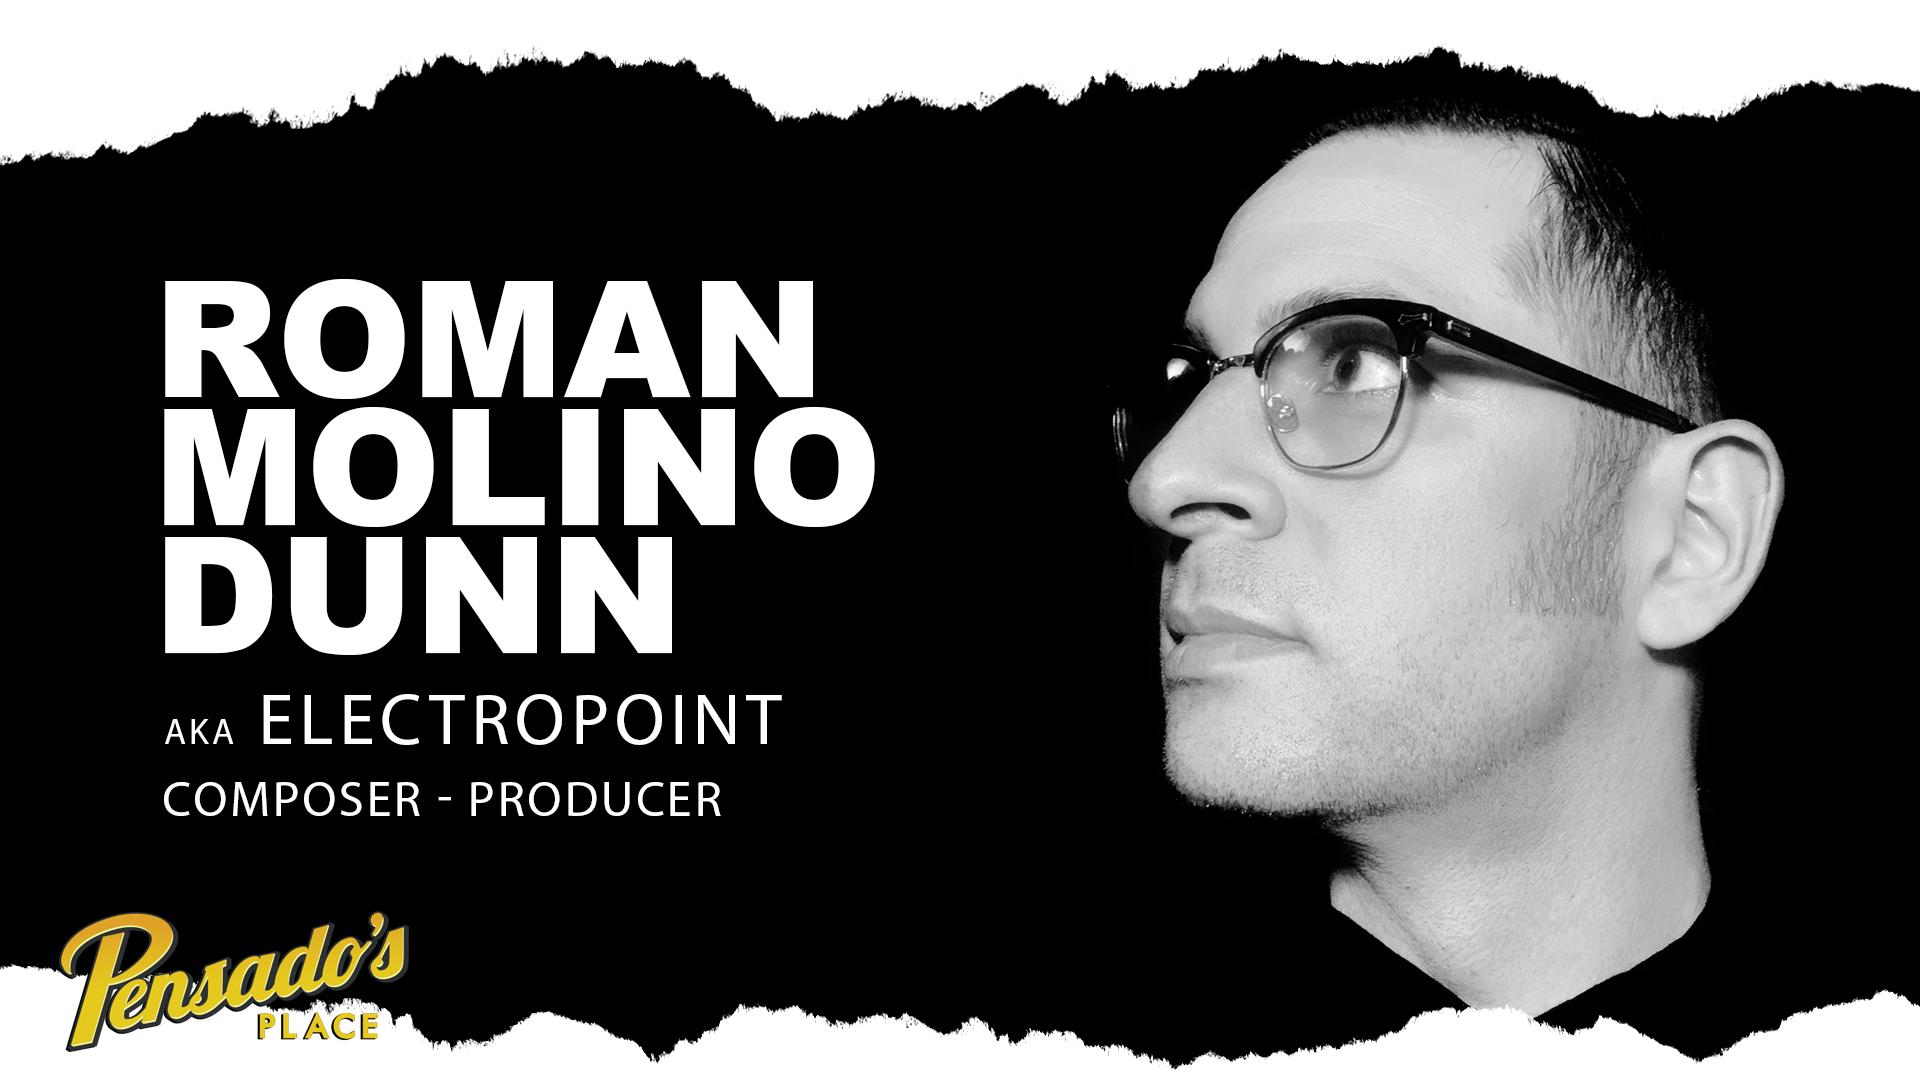 """Composer / Producer, Roman """"Electropoint"""" Molino Dunn"""